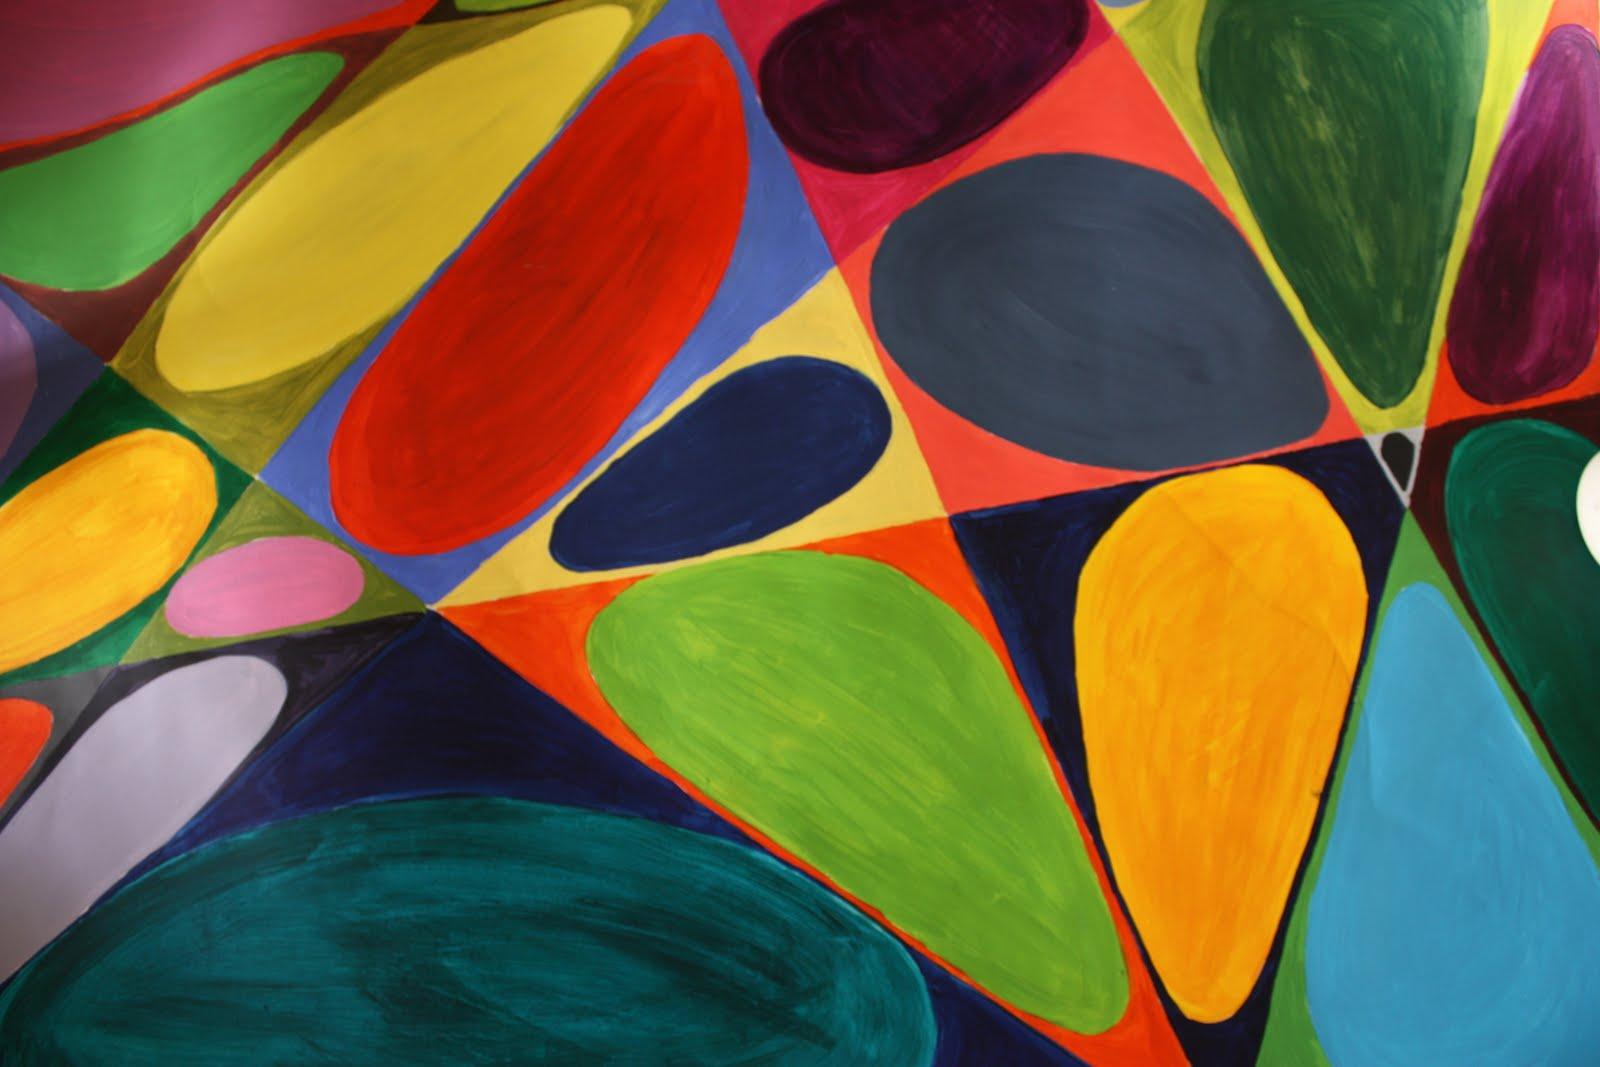 2d vormgeving kleuronderzoek 2 - Associatie van kleur e geen schilderij ...